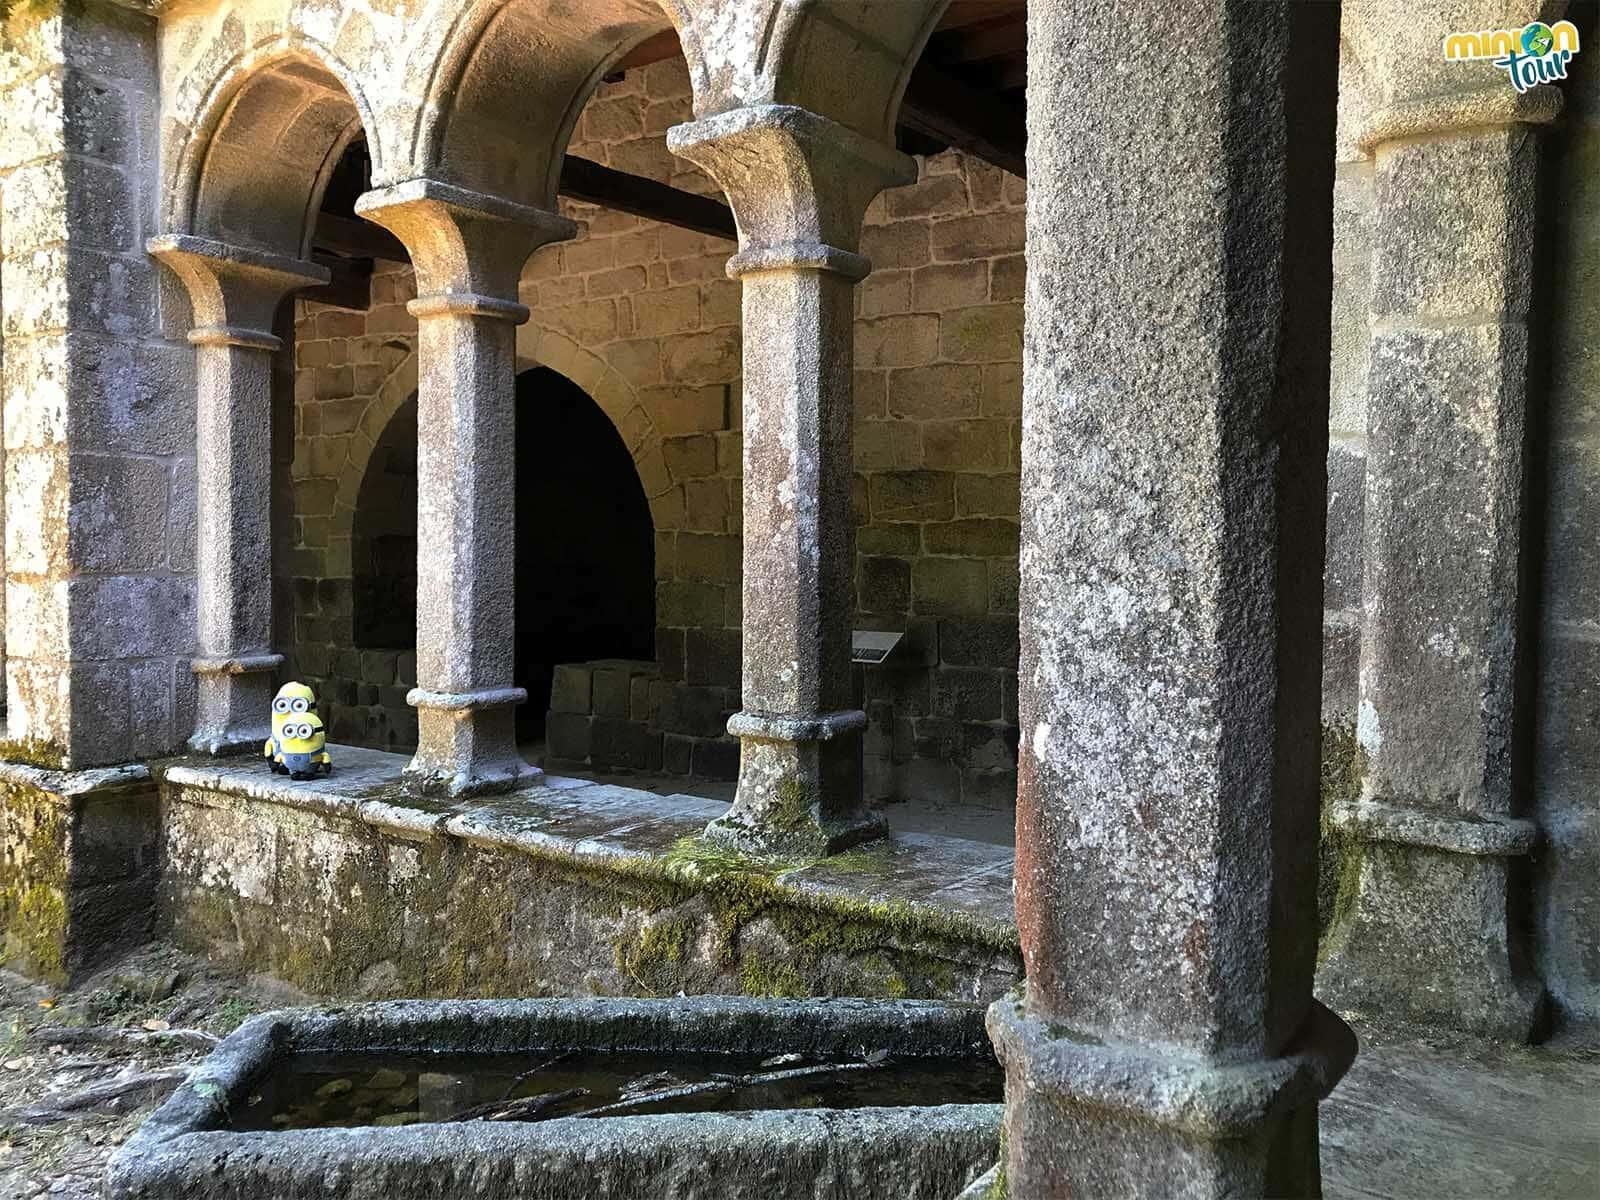 De visita por el claustro del Monasterio de Santa Cristina de Ribas de Sil